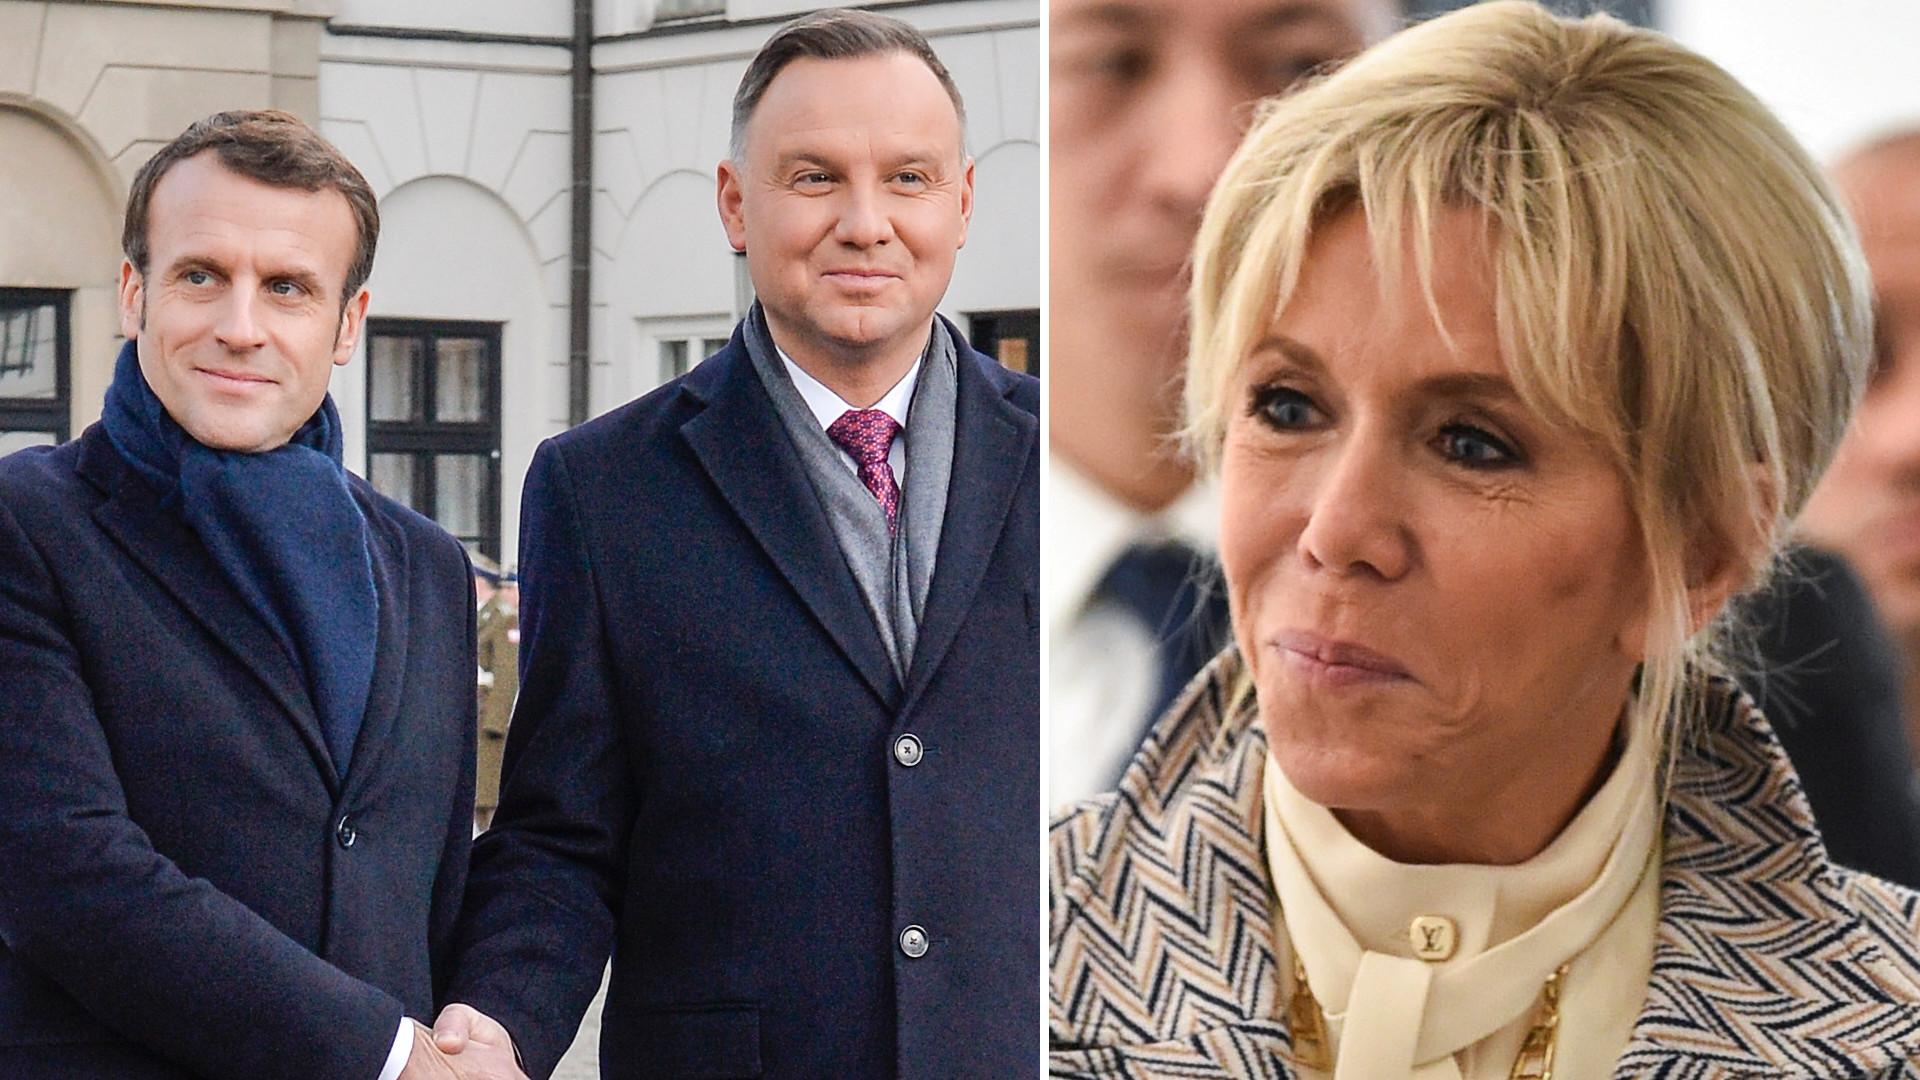 Emmanuel Macron przyleciał do Polski, ale nie ma z nim żony, Brigitte Macron (ZDJĘCIA)